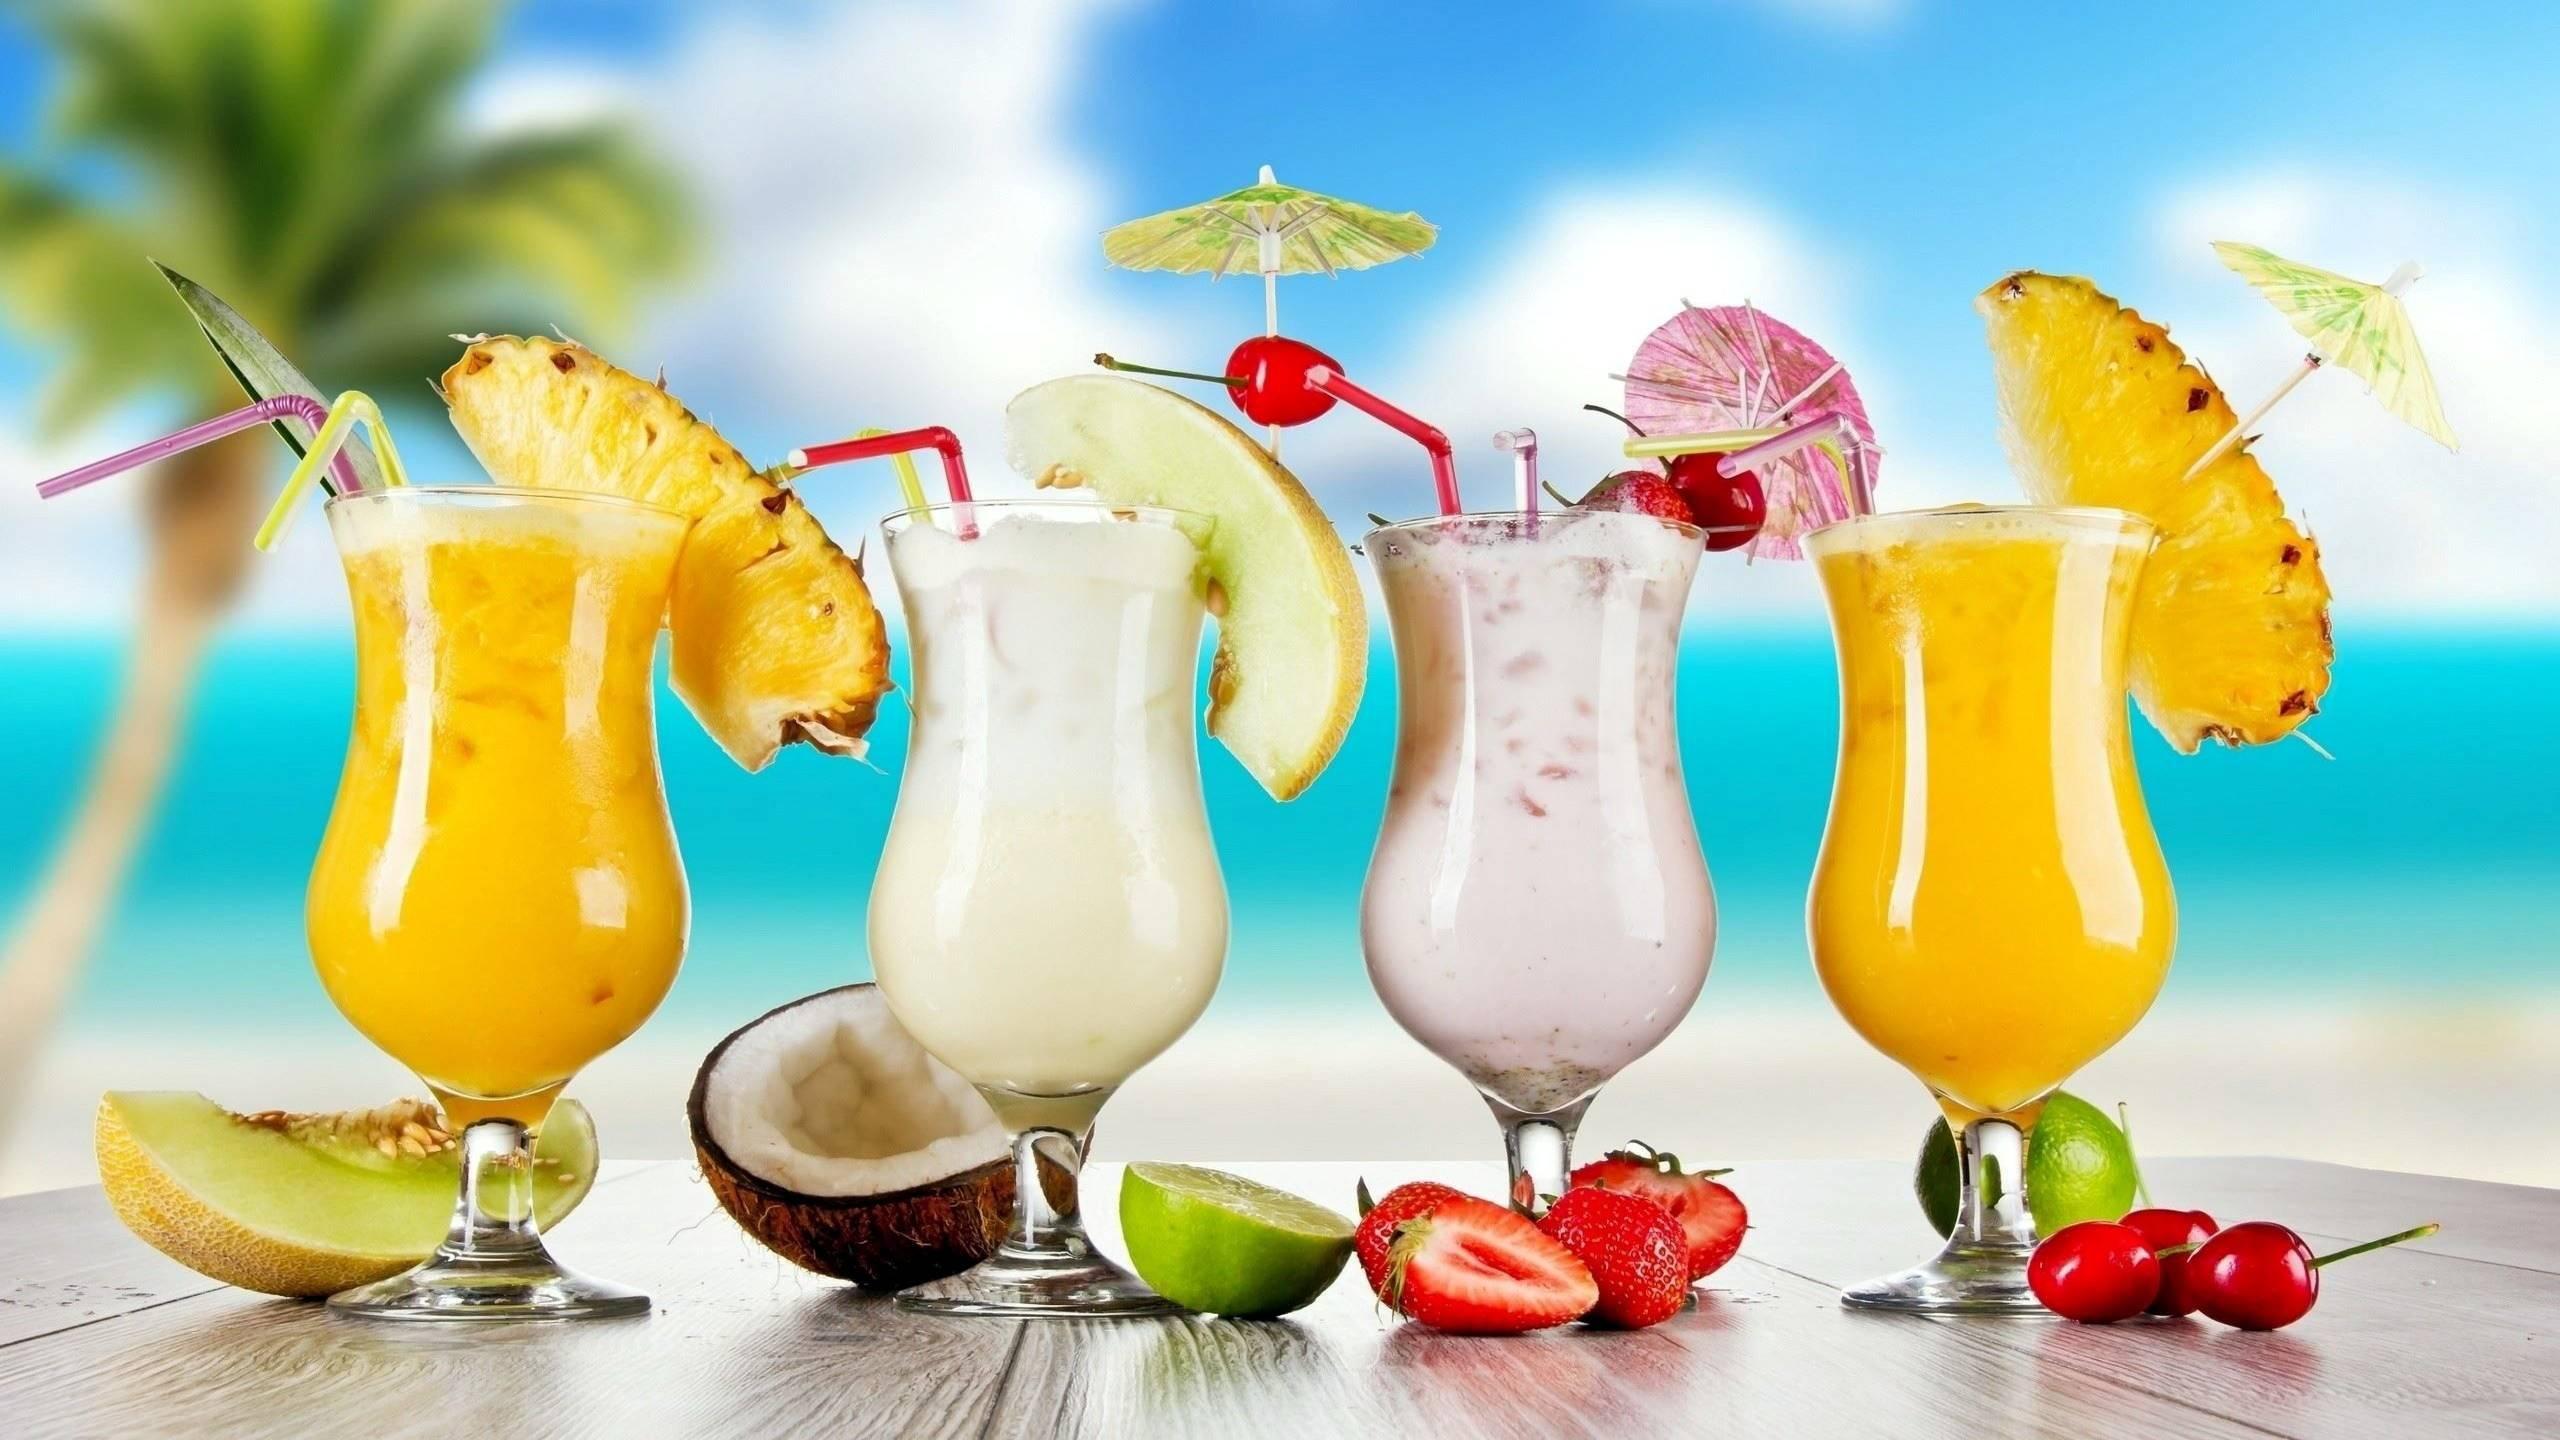 Hướng dẫn ăn hoa quả đúng cho người bệnh tiểu đường